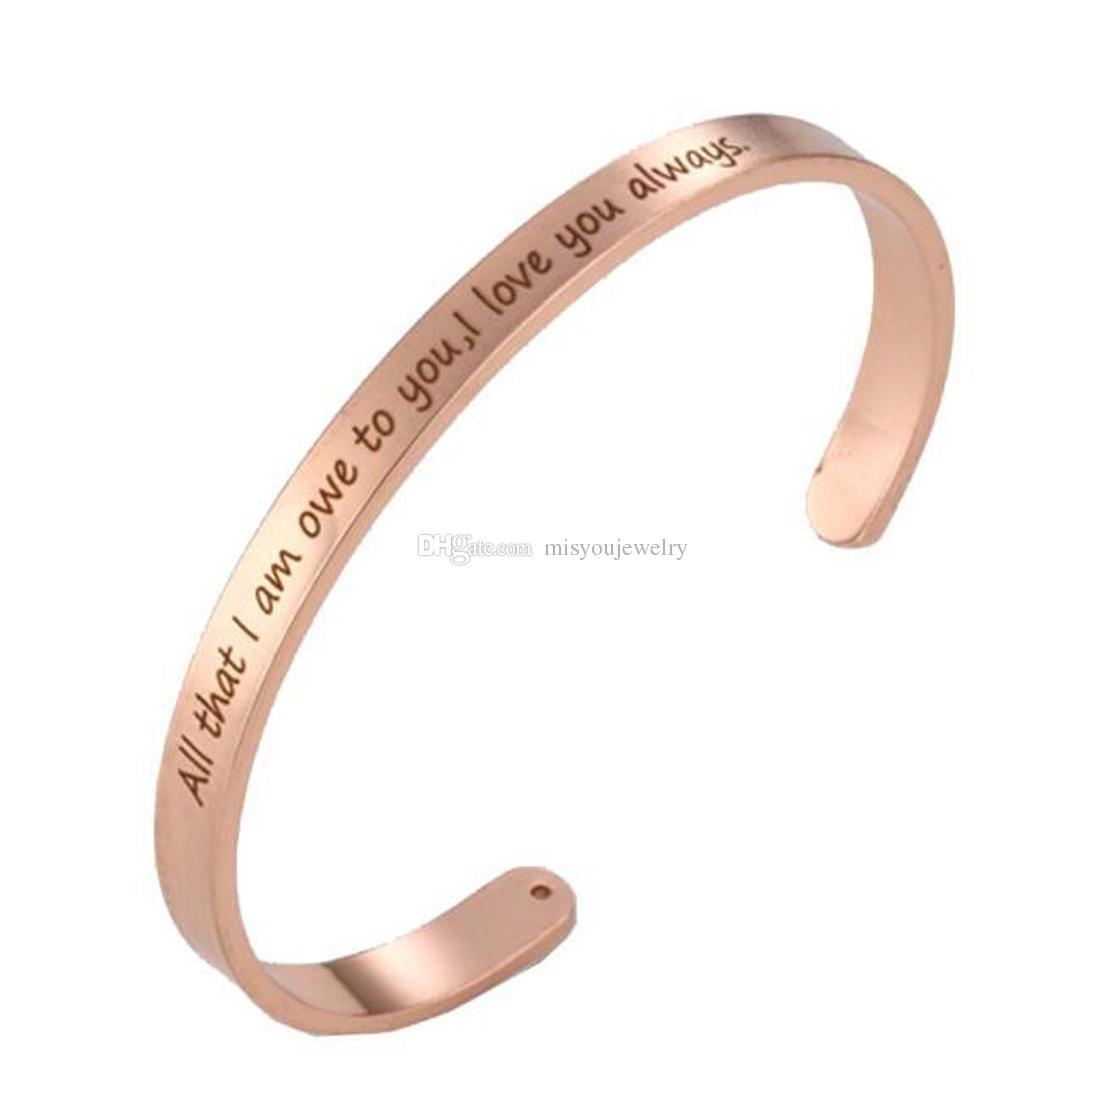 três cores pulseira Gravura grátis Inspiração Tudo o que eu devo a você, eu te amo sempre cuff pulseira